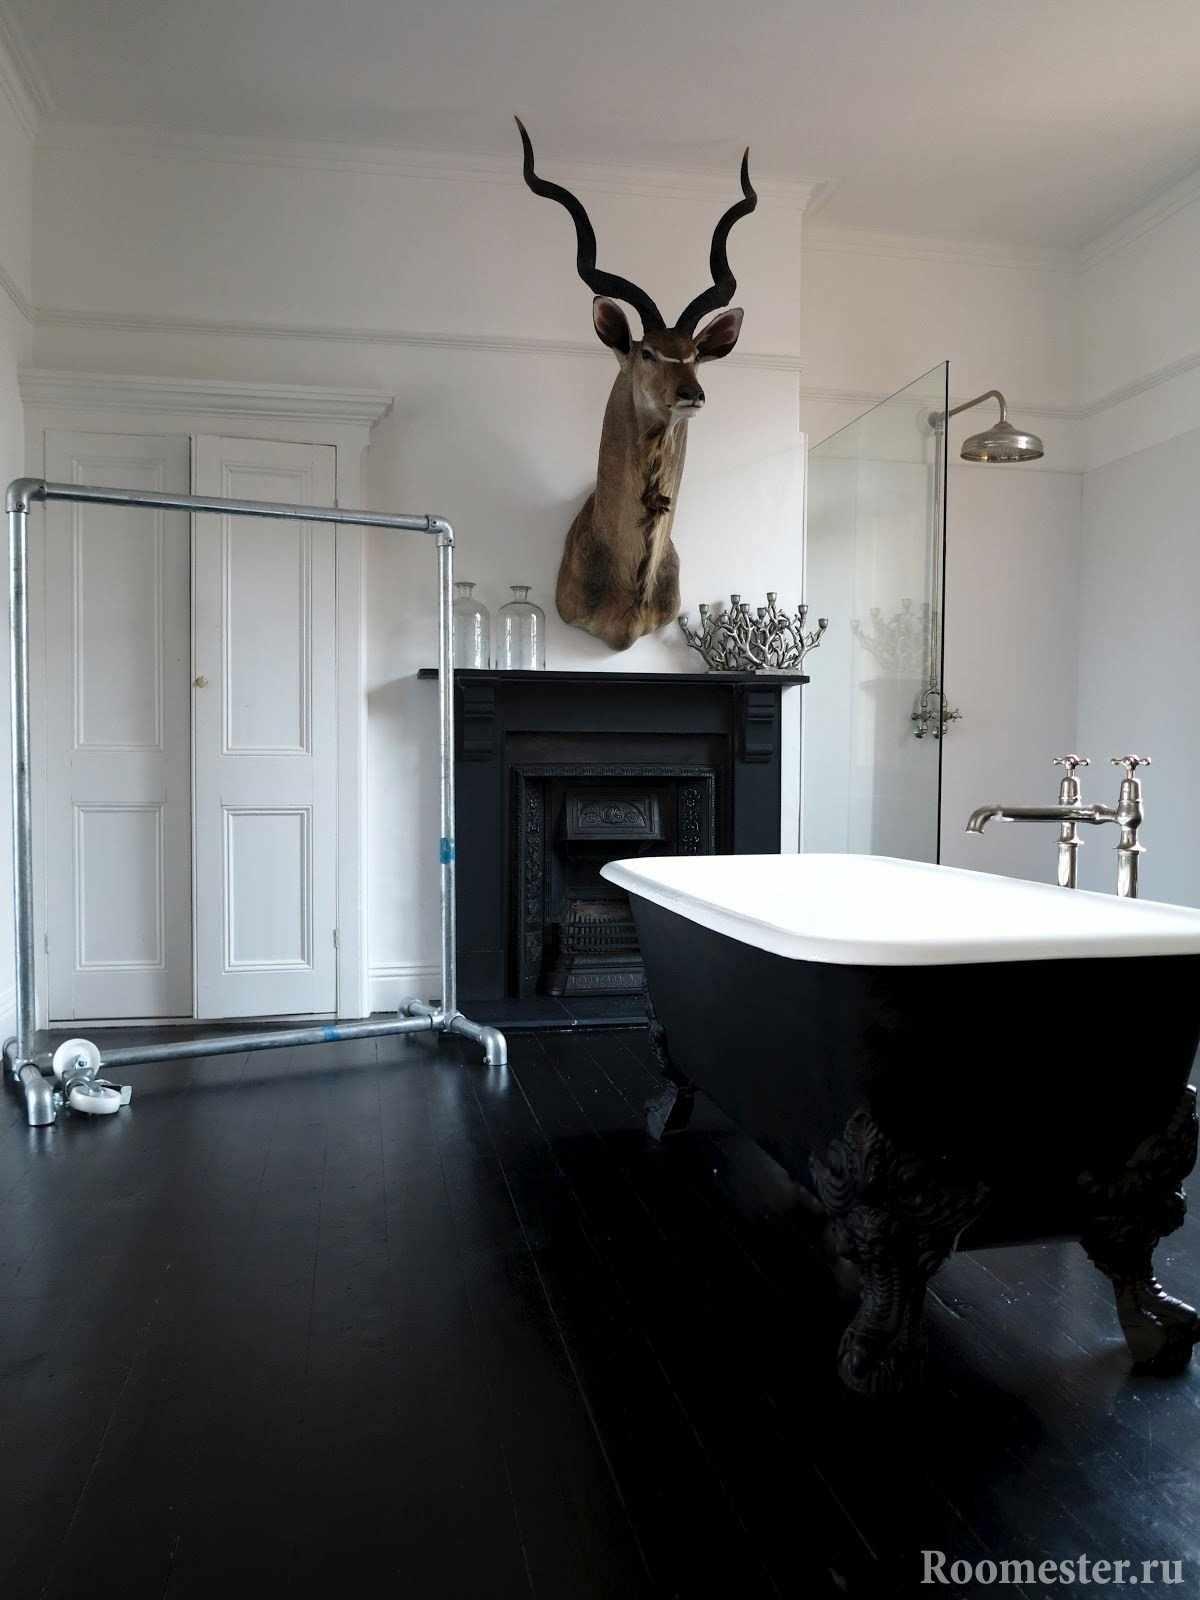 Ванная комната с черной плиткой на полу